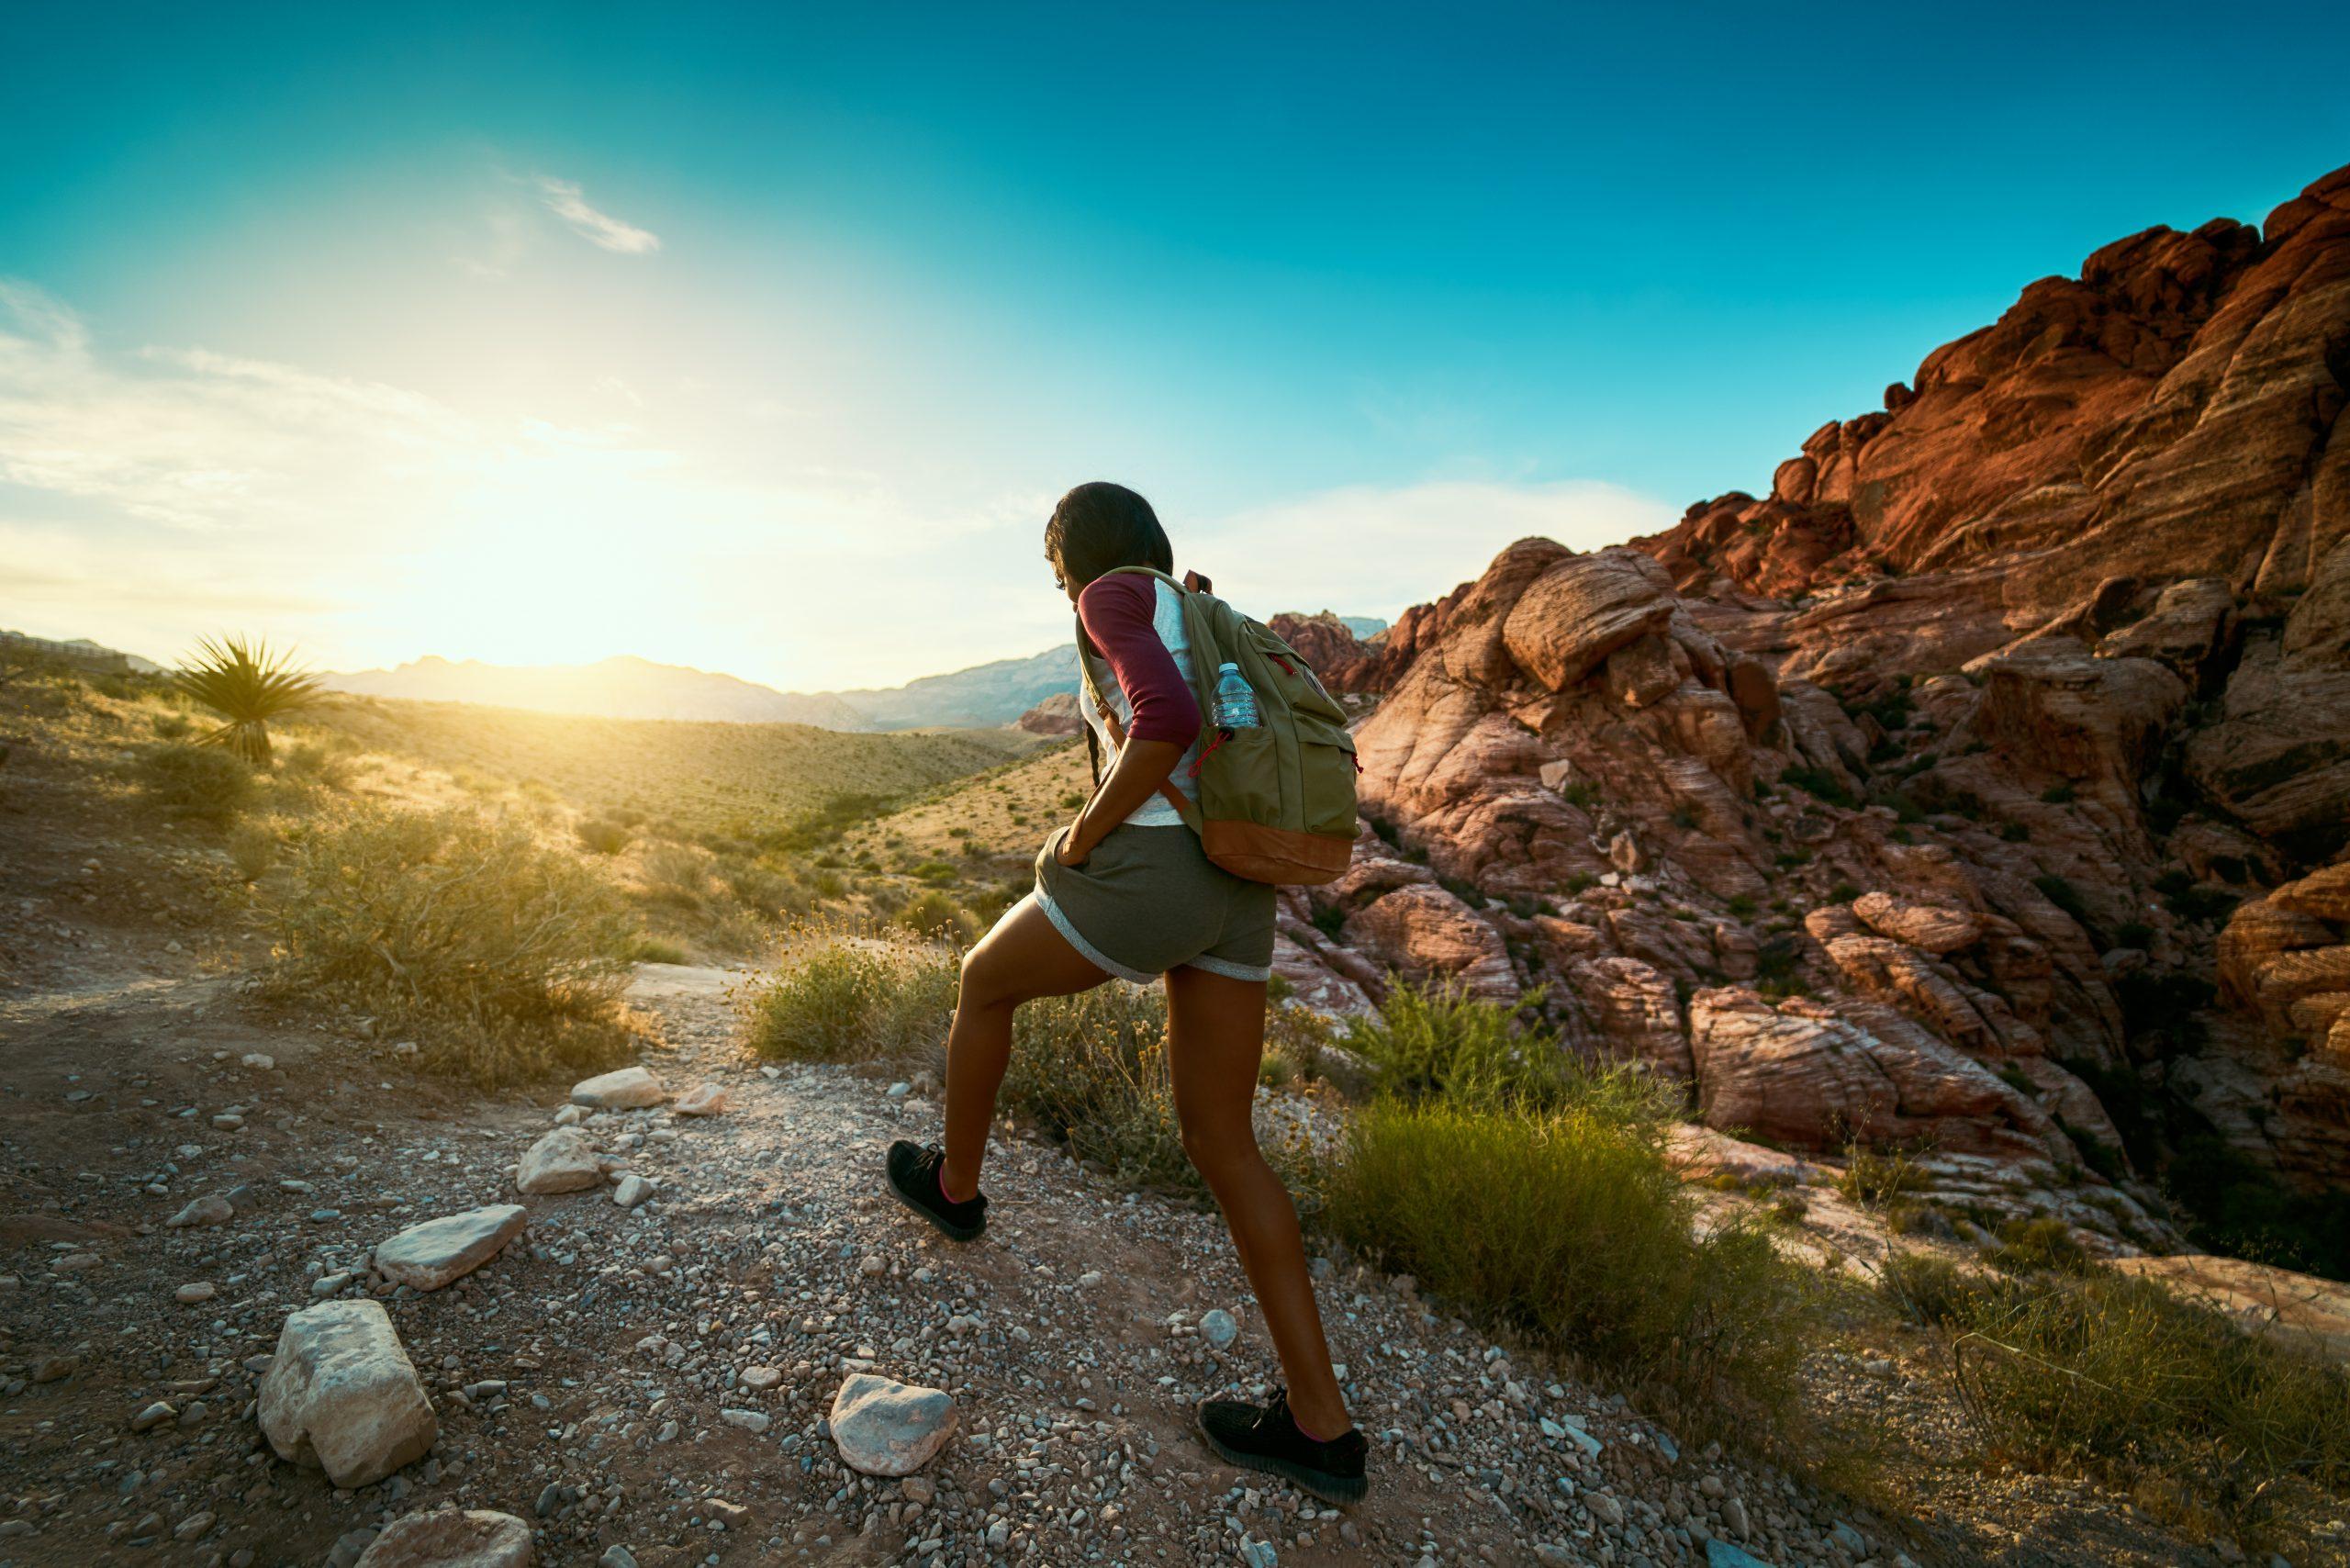 Analog Lifestyle Tip: Hiking